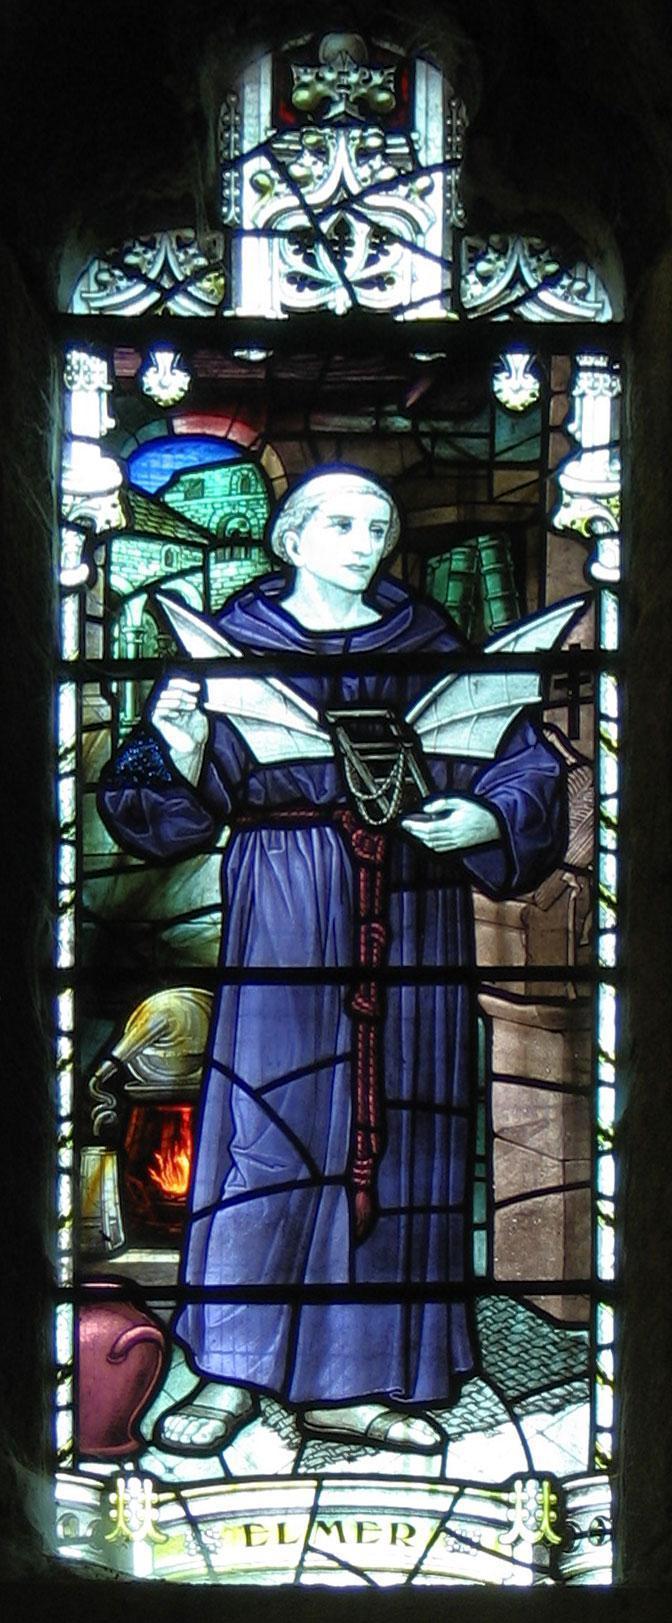 Vidriera dedicada a Eilmer en la abadía de Malmesbury